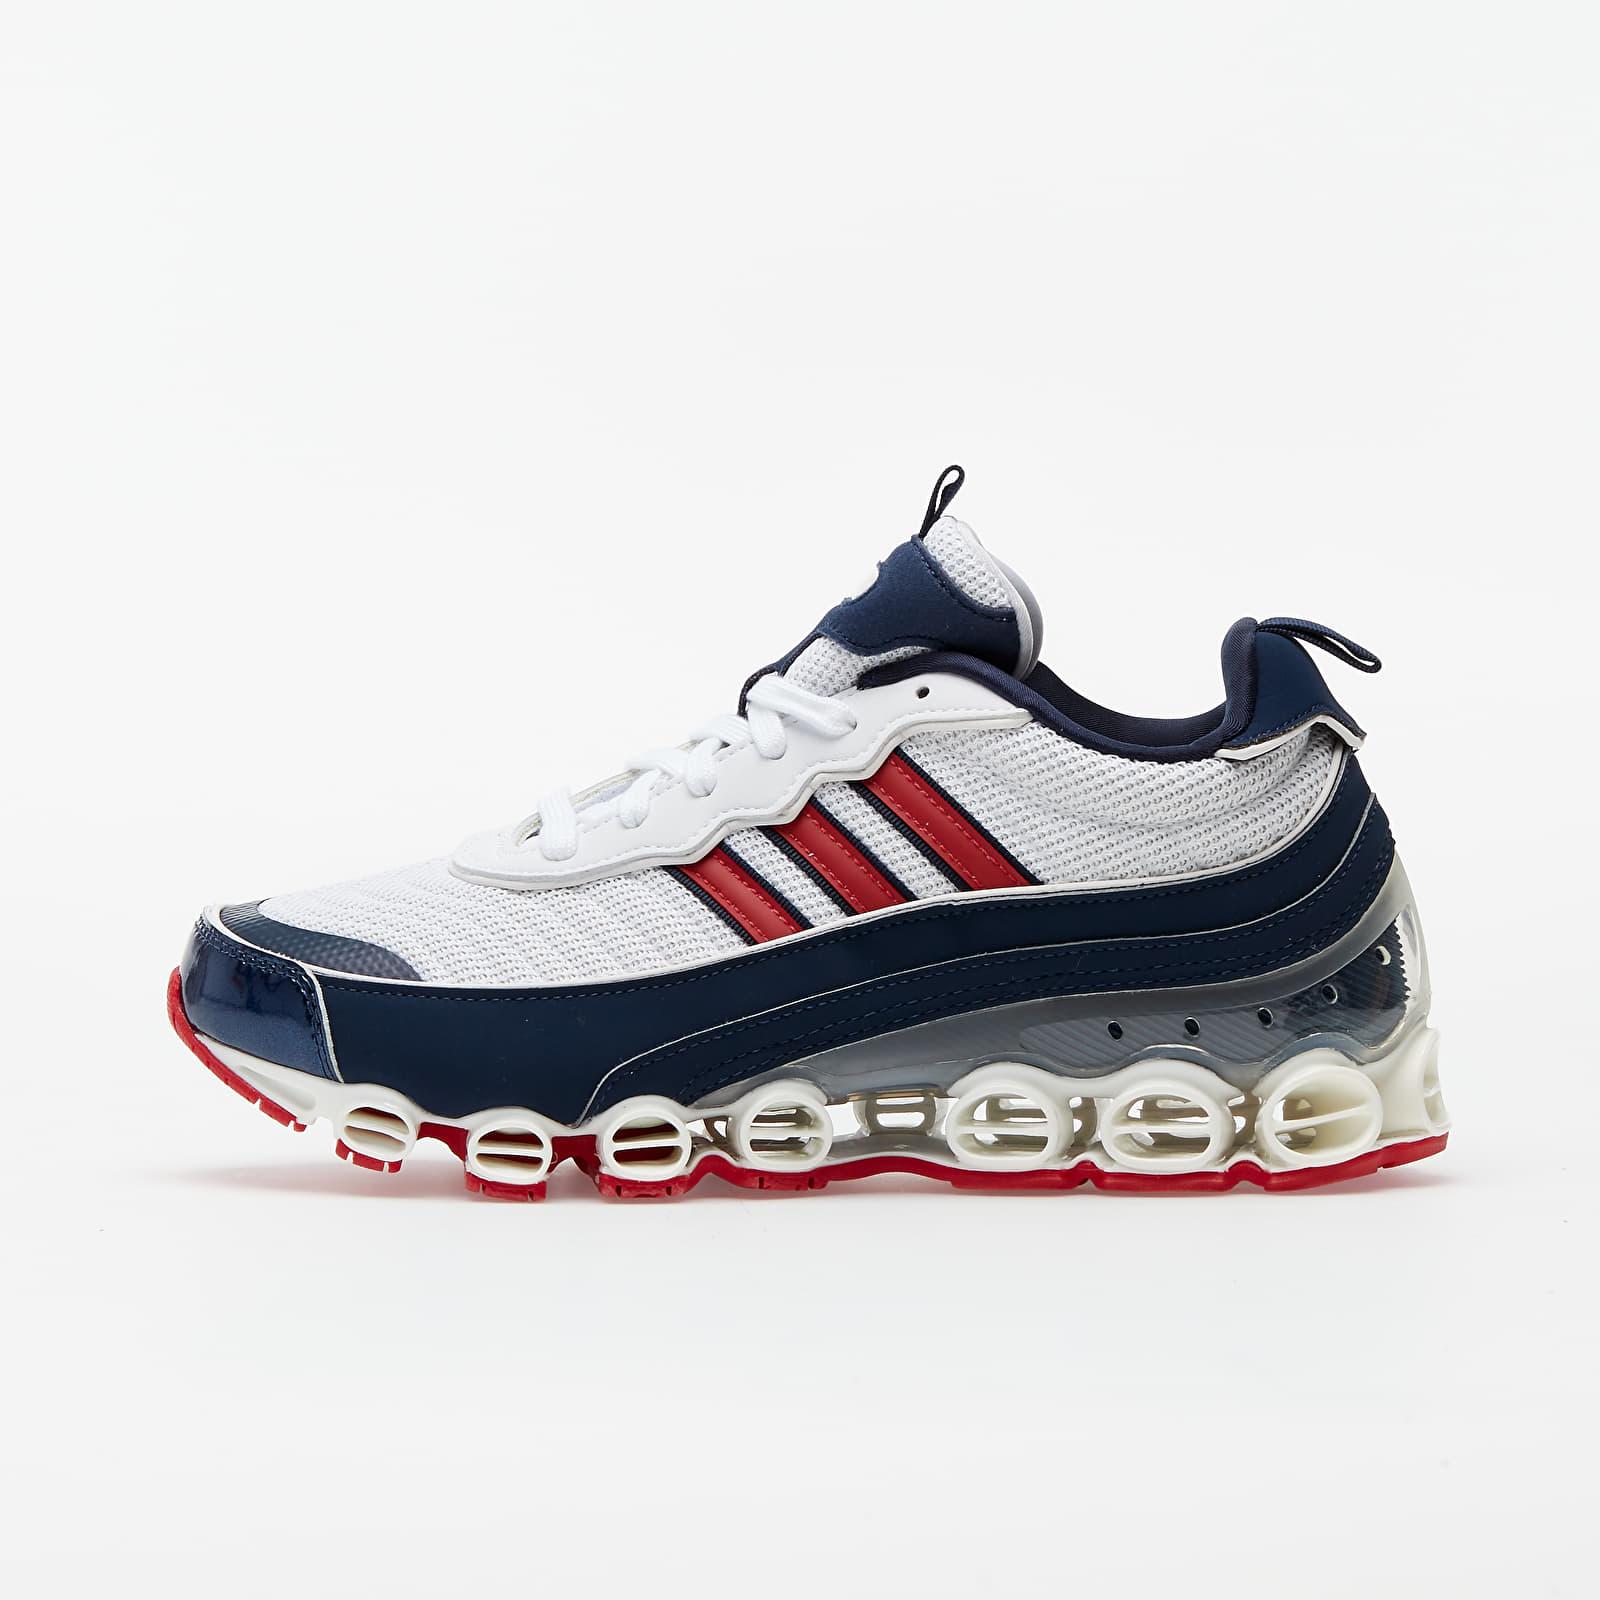 Férfi cipők adidas Microbounce T1 Ftw White/ Scarlet/ Collegiate Navy